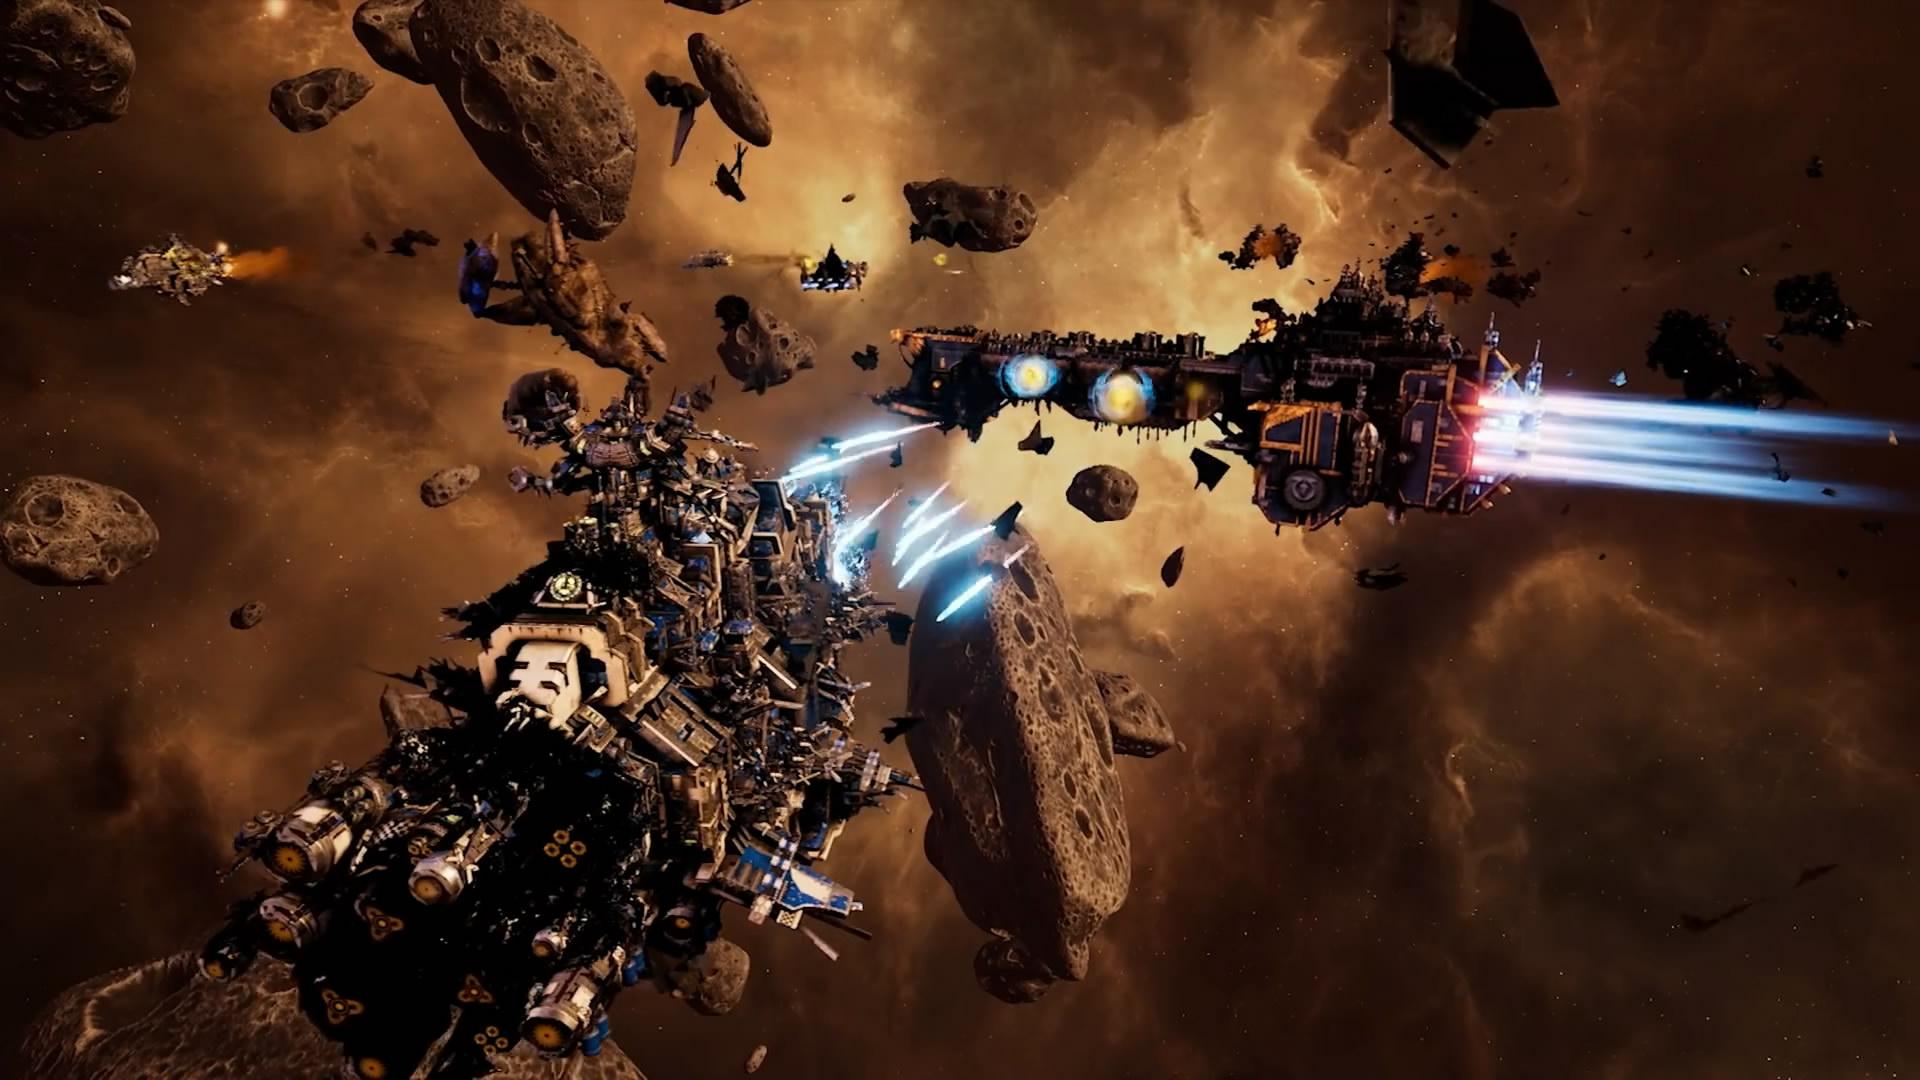 《哥特视频:阿玛达2》新v视频宇宙视频战舰疯痧最近的最新舰队揪图片